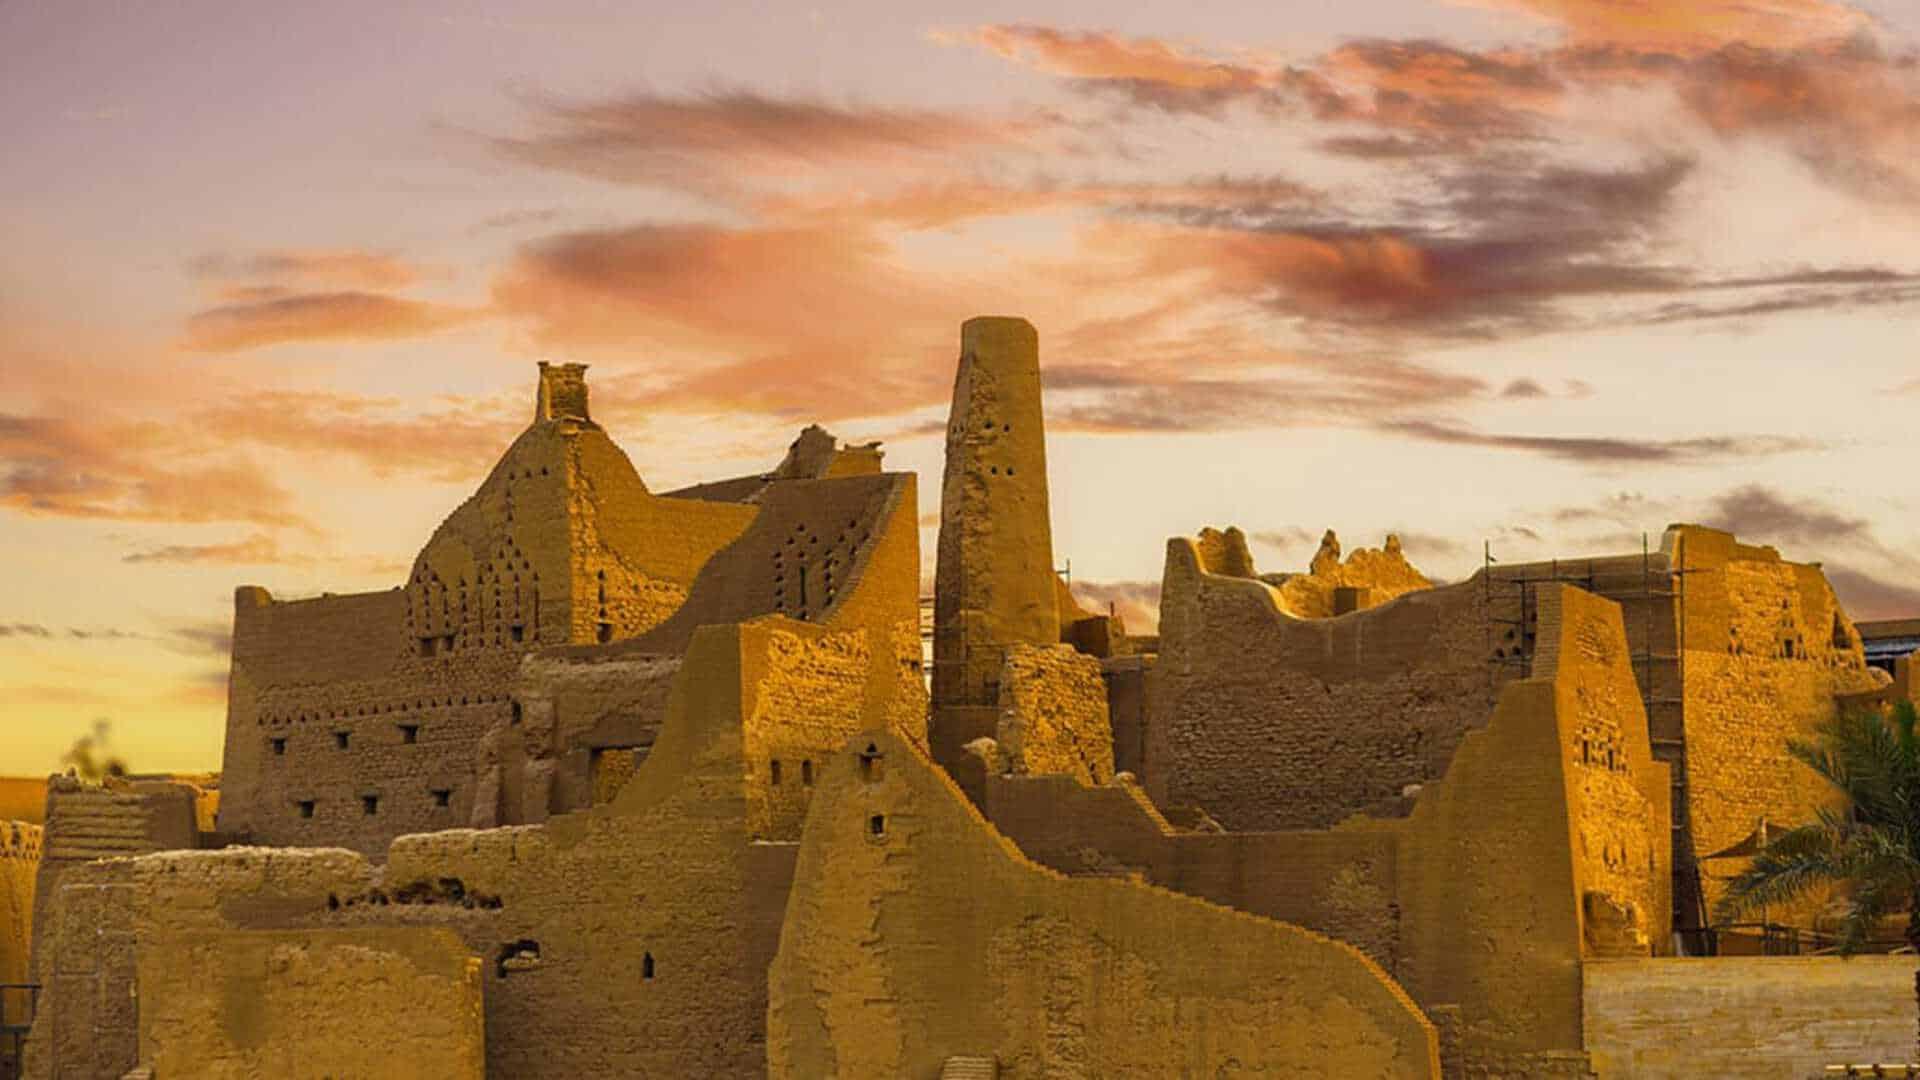 إعادة تأهيل المباني التاريخية بالسعودية